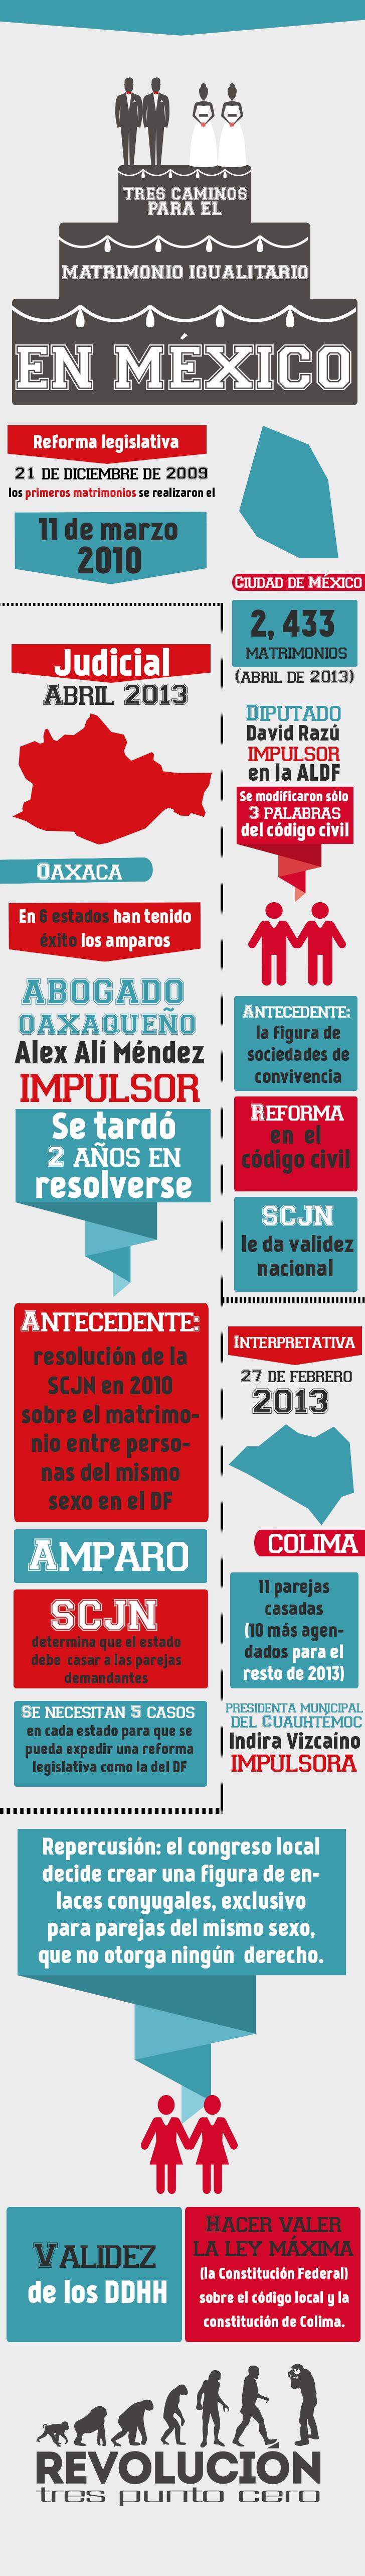 Las vías para el matrimonio igualitario en México http://revoluciontrespuntocero.com/las-vias-para-el-matrimonio-igualitario-en-mexico-infografia/